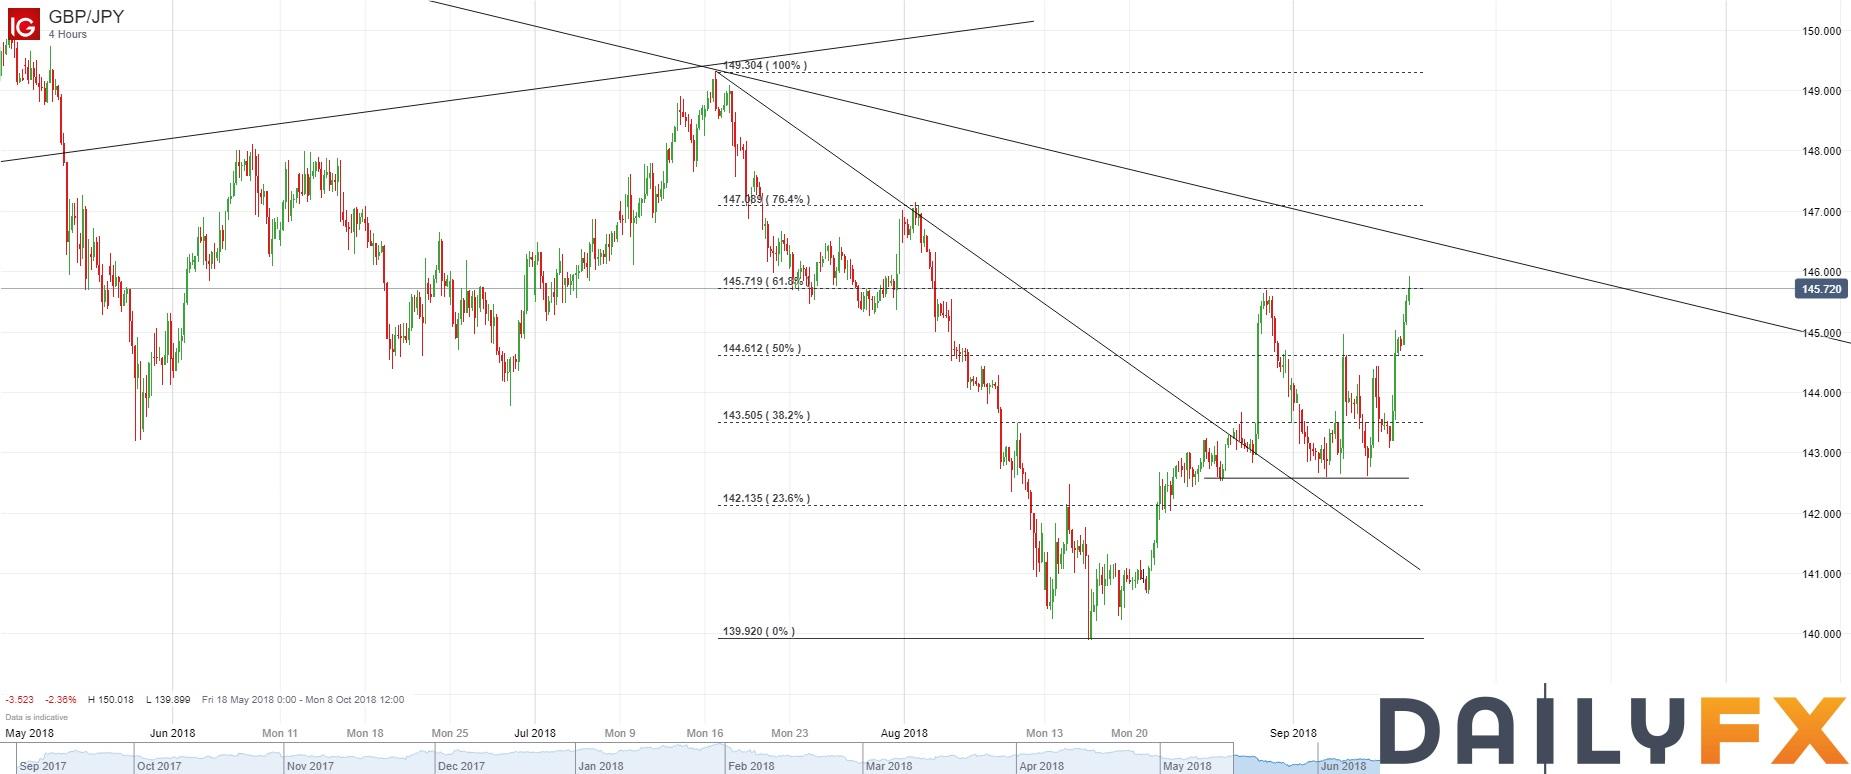 英镑/日元技术分析:再次大幅反弹,试图上破8月29日高点